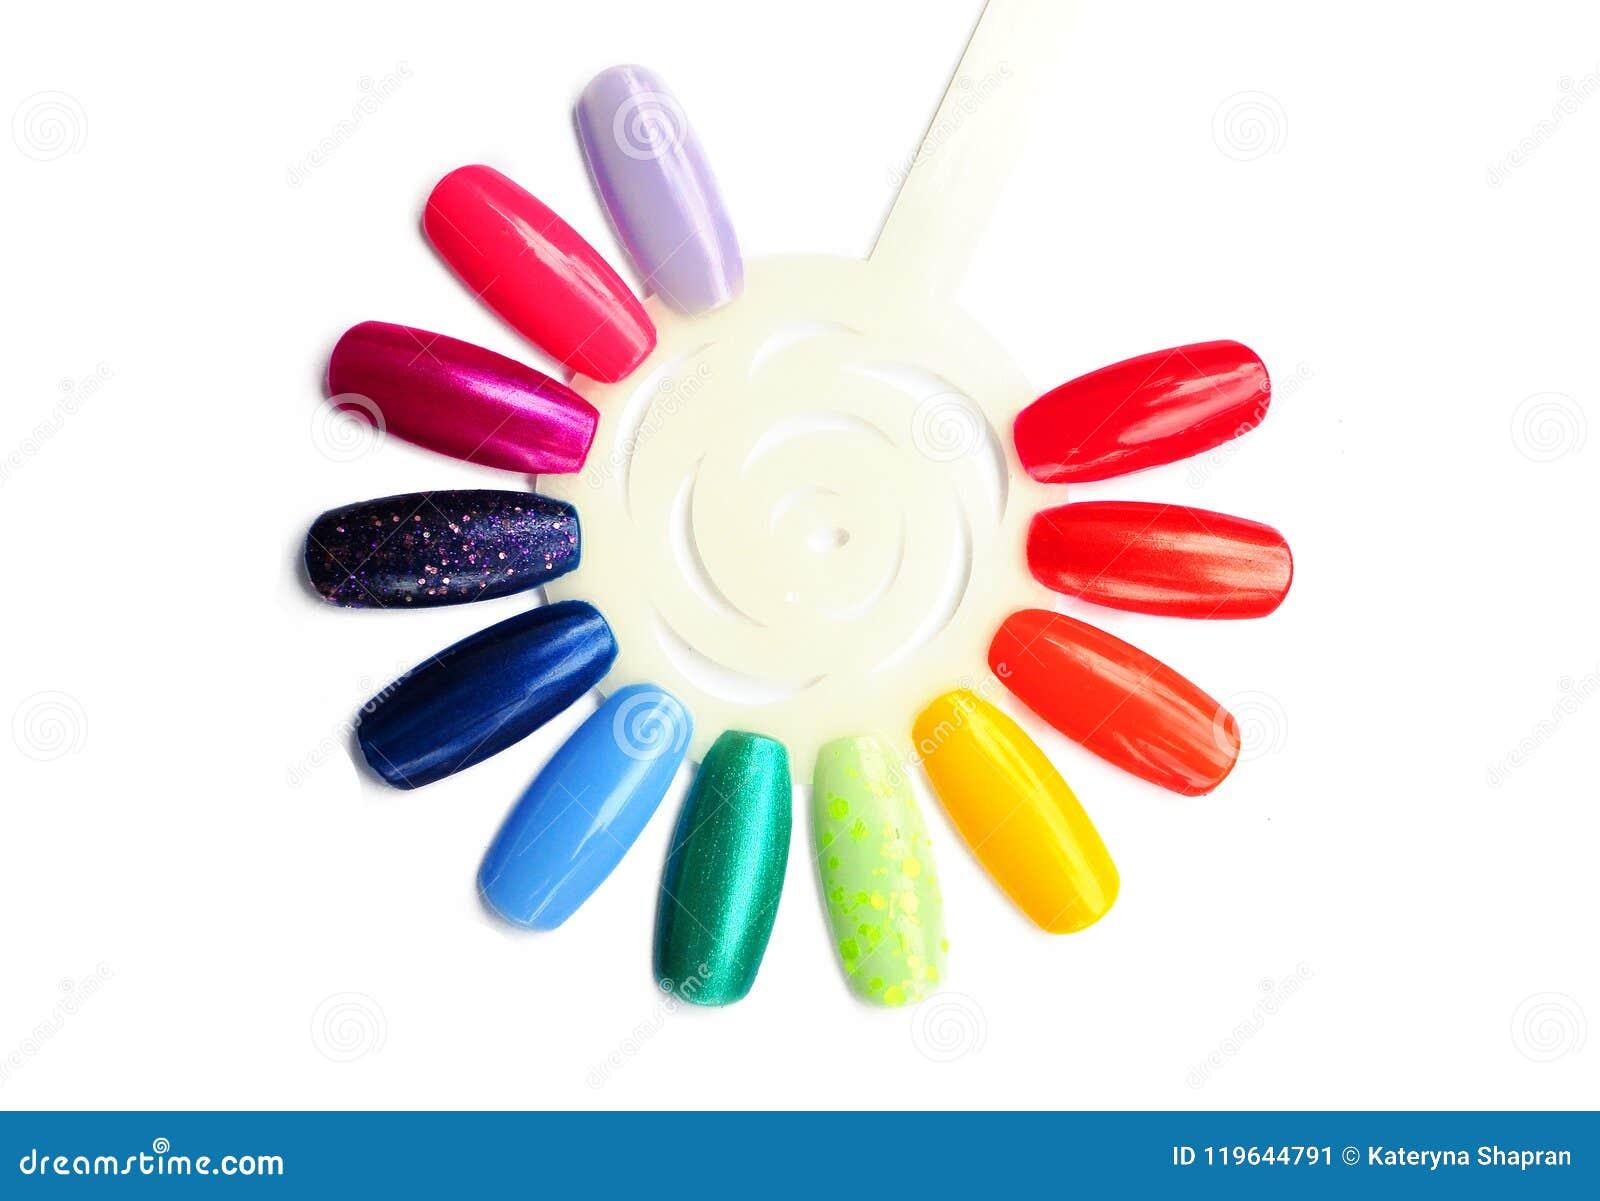 Rainbow Nail Polish Samples Close Up, Colorful Nail Polish In Ra ...